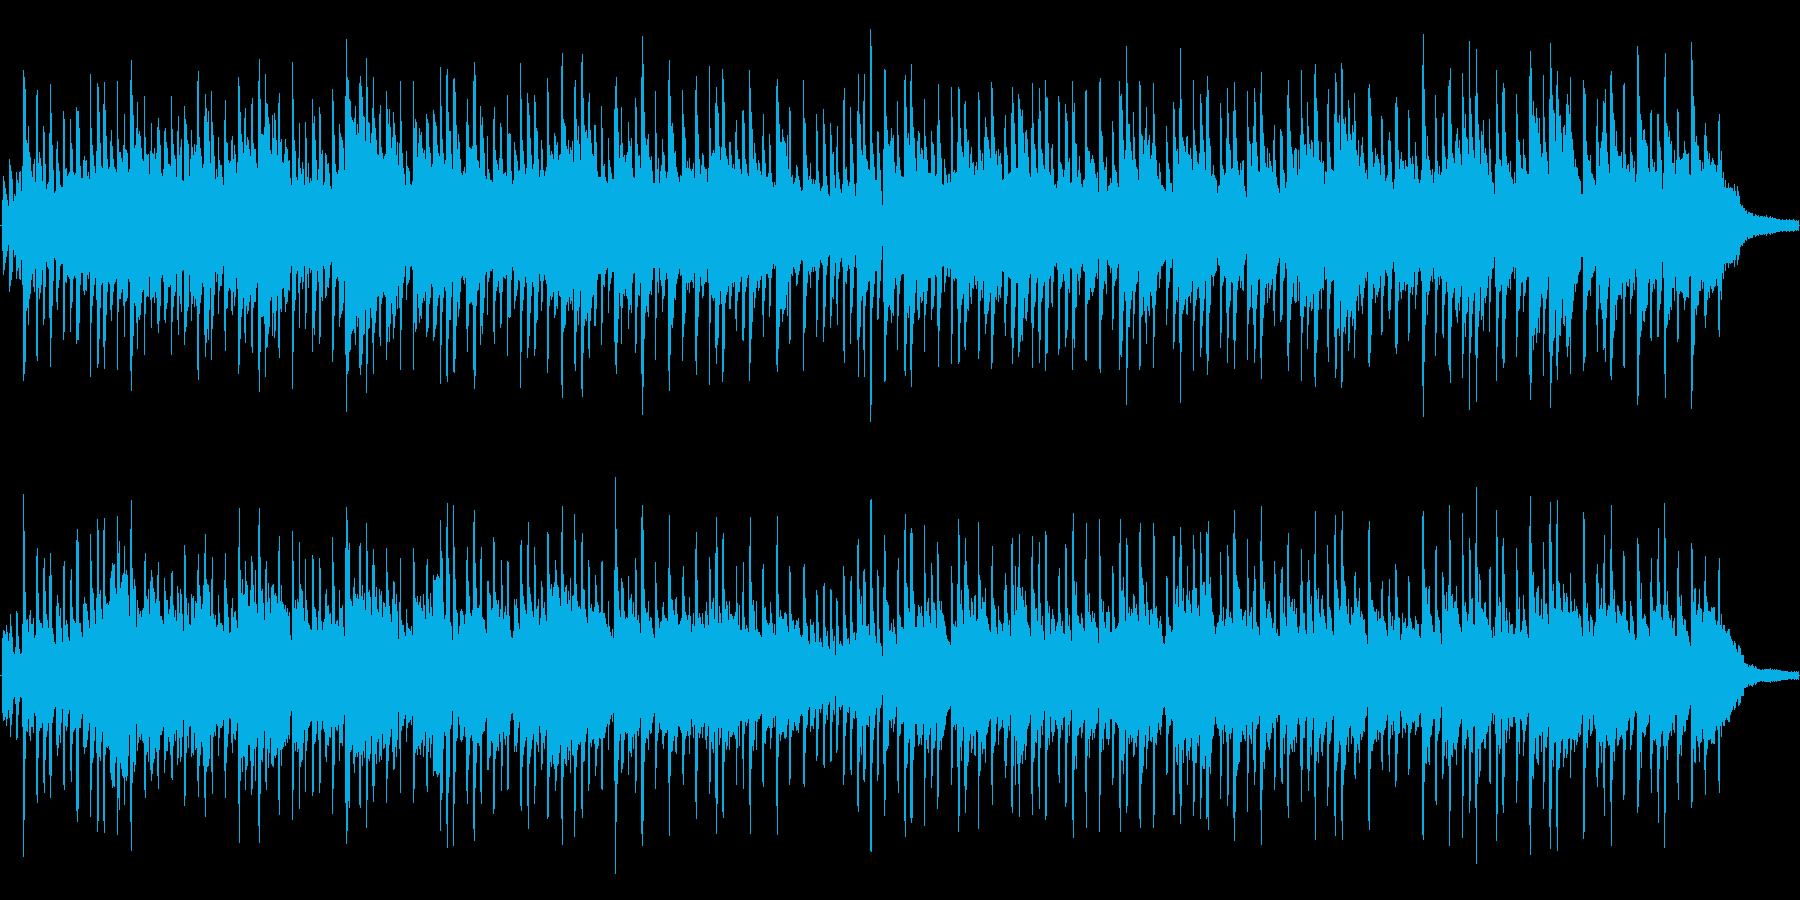 明るく暖かい雰囲気の曲の再生済みの波形